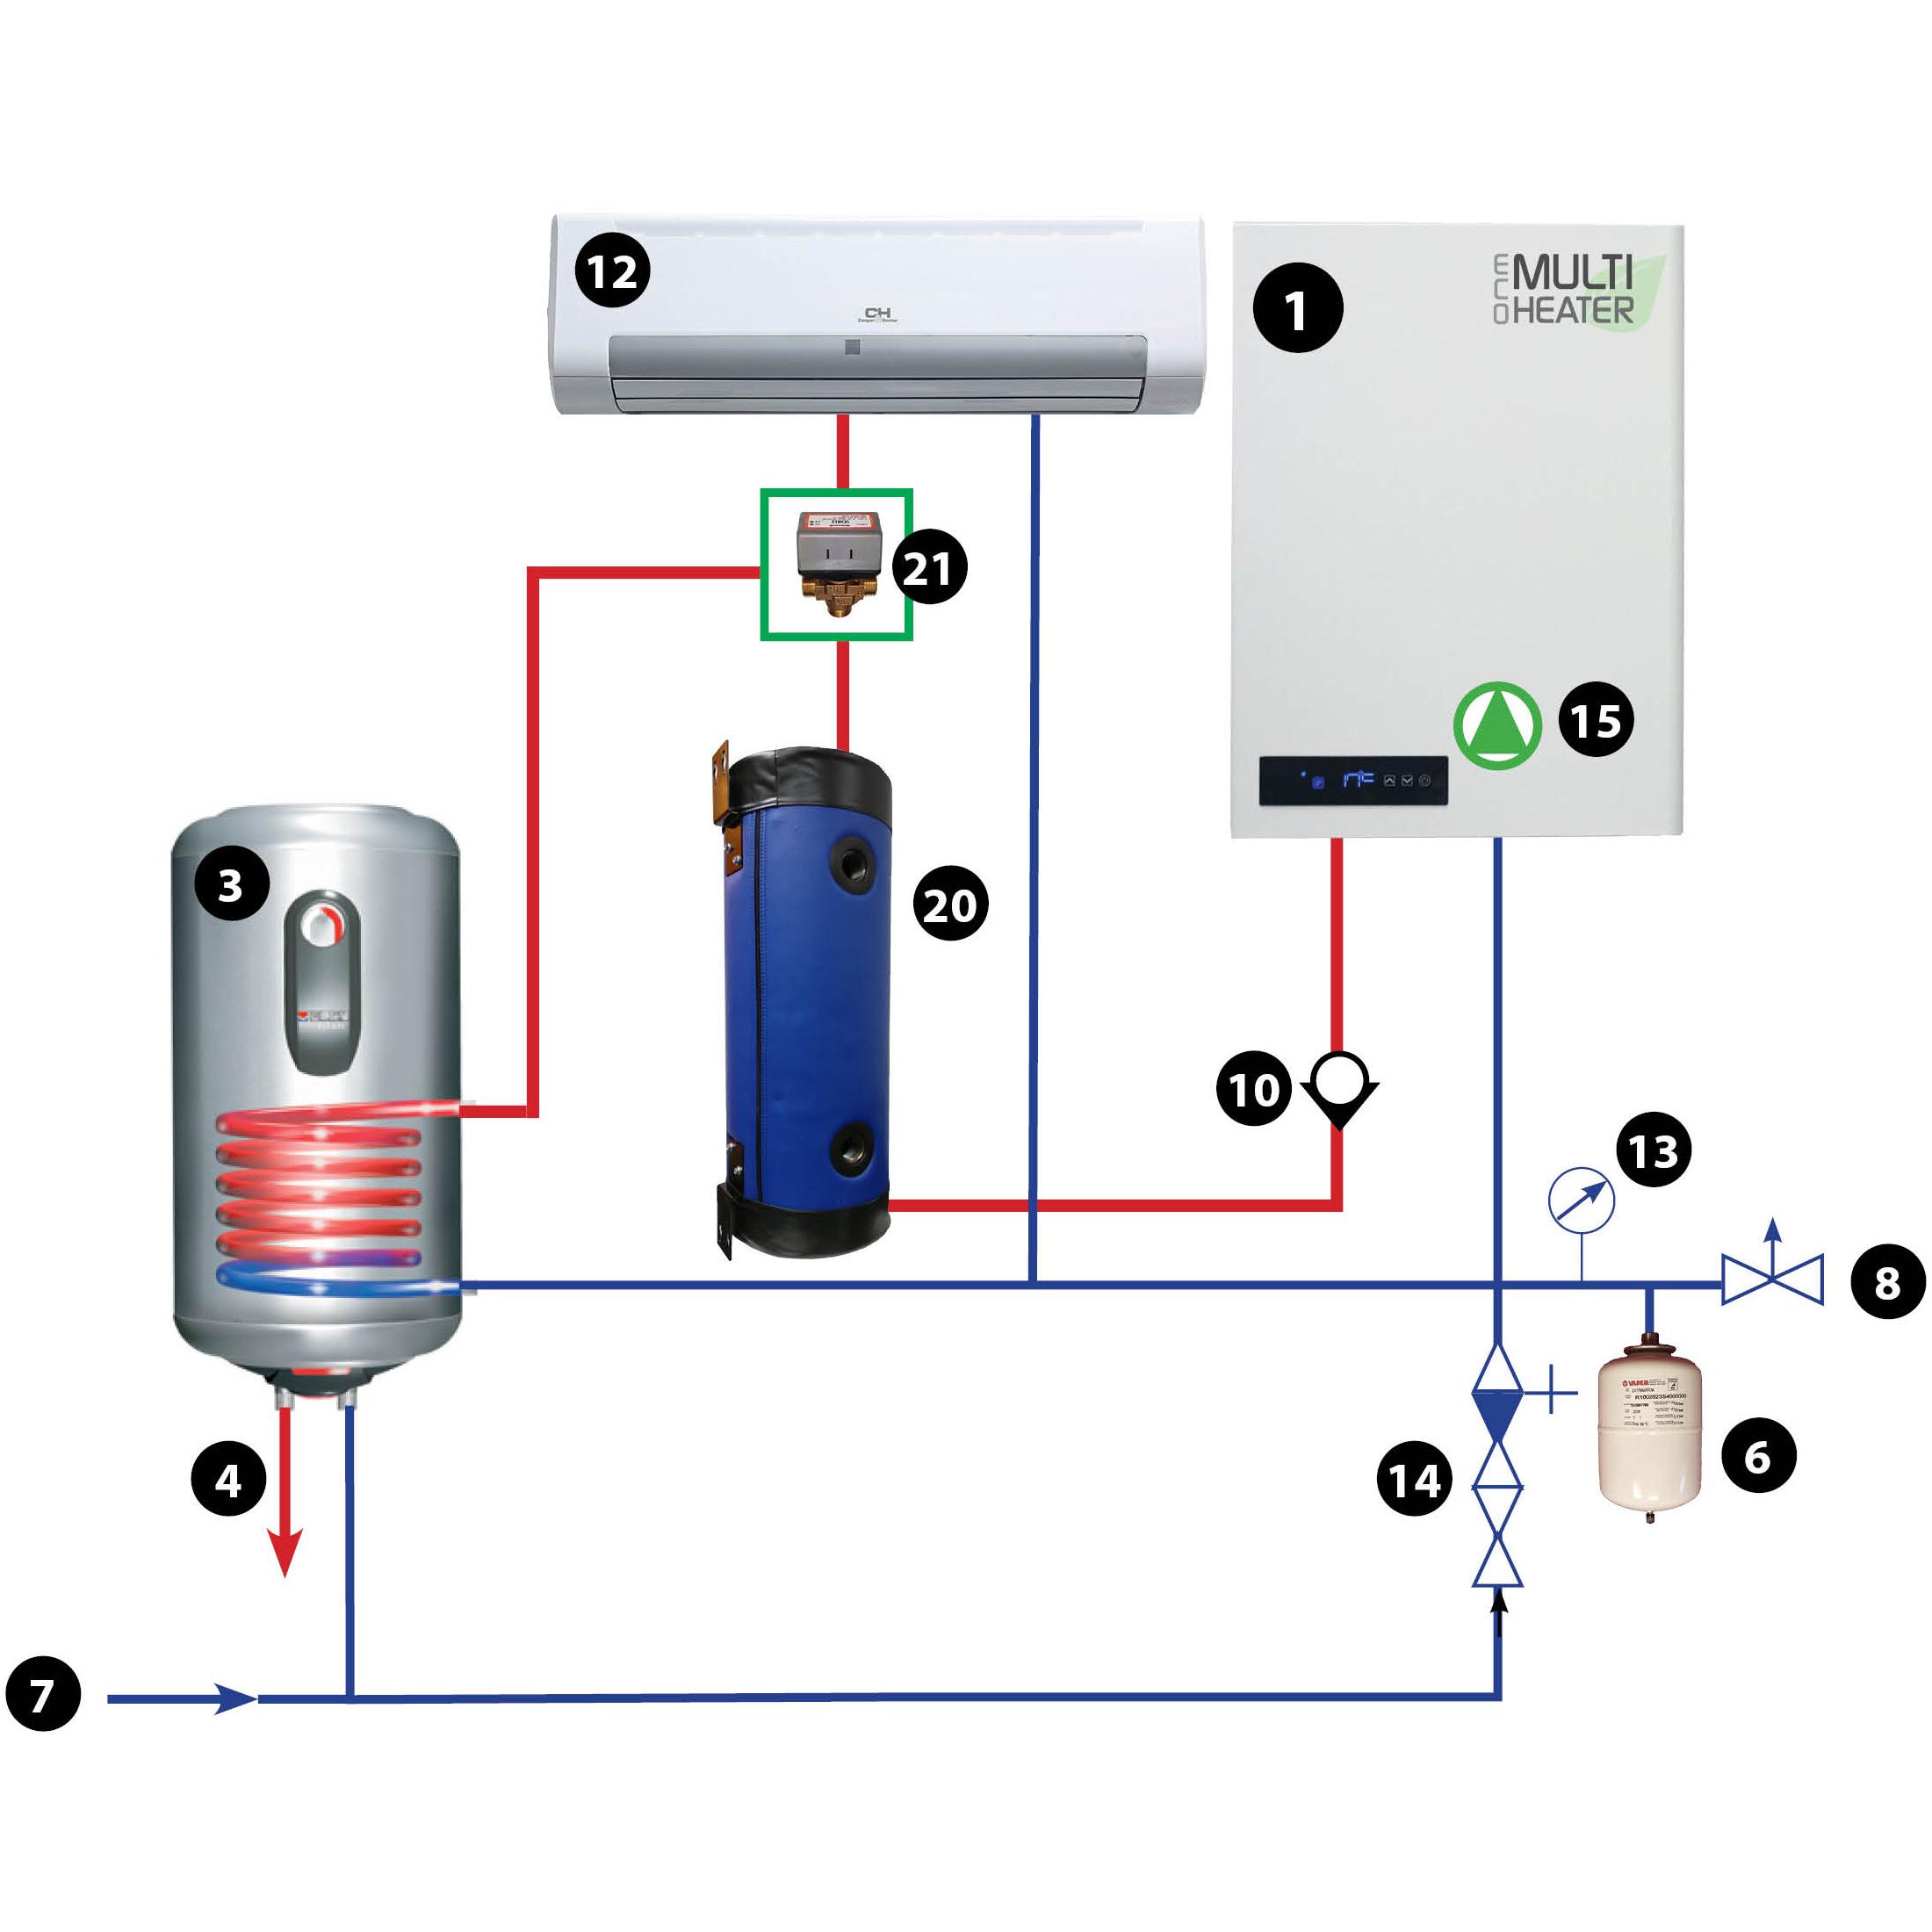 Käyttöveden lämmitys sekä talon lämmitys puhallinkonvektorilla Multiheater Eco hoitaa ilmanvaihdon ja ottaa jäteilmasta lämpöenergian käyttöveteen sekä talon lämmitykseen. Yksinkertainen kytkentä jossa ensisijasesti käyttövesi pidetään kuumana ja sen saavutettua haluttu lämpötila, kääntää vaihtoventtiili lämmön puhallinkonvektorille. Sopii talon käyttöveden tuotantoon ja päälämmönlähteen tueksi. Sopii pienen talon tai rantamökin taydelliseksi lämmitys ja ilmanvaihtojärjestelmäksi.